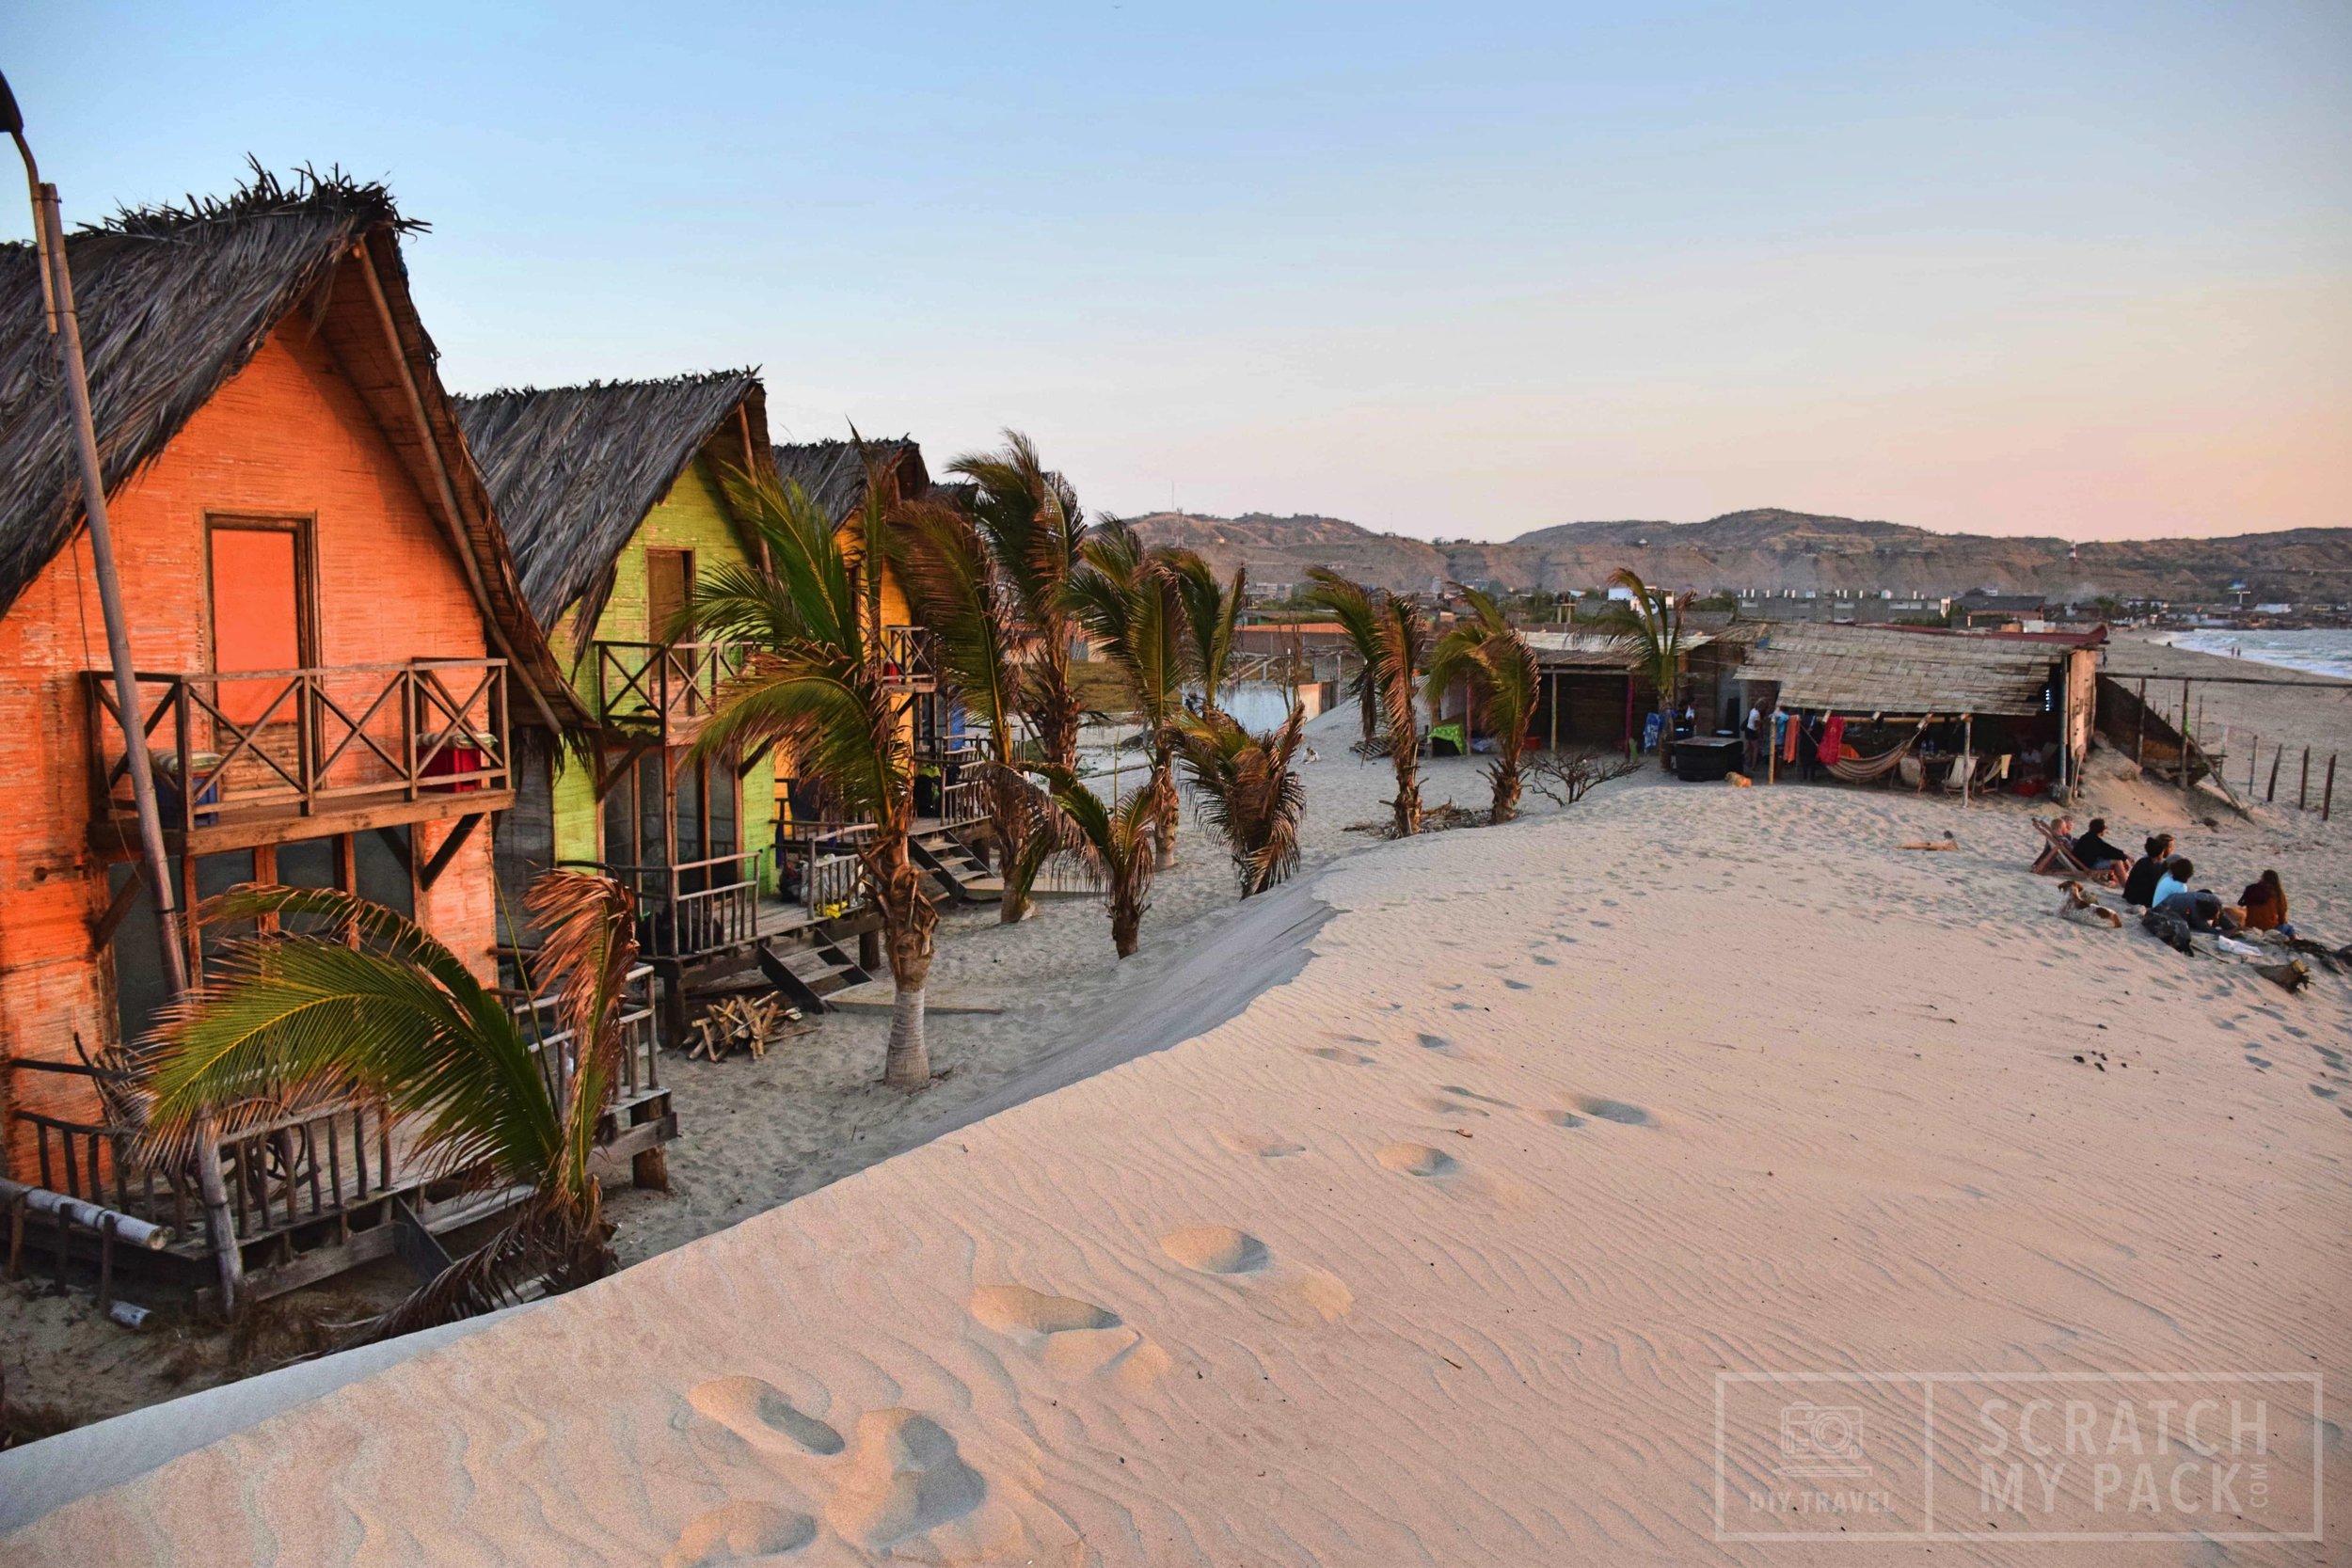 The Misfits beach hostel in Mancora, Peru